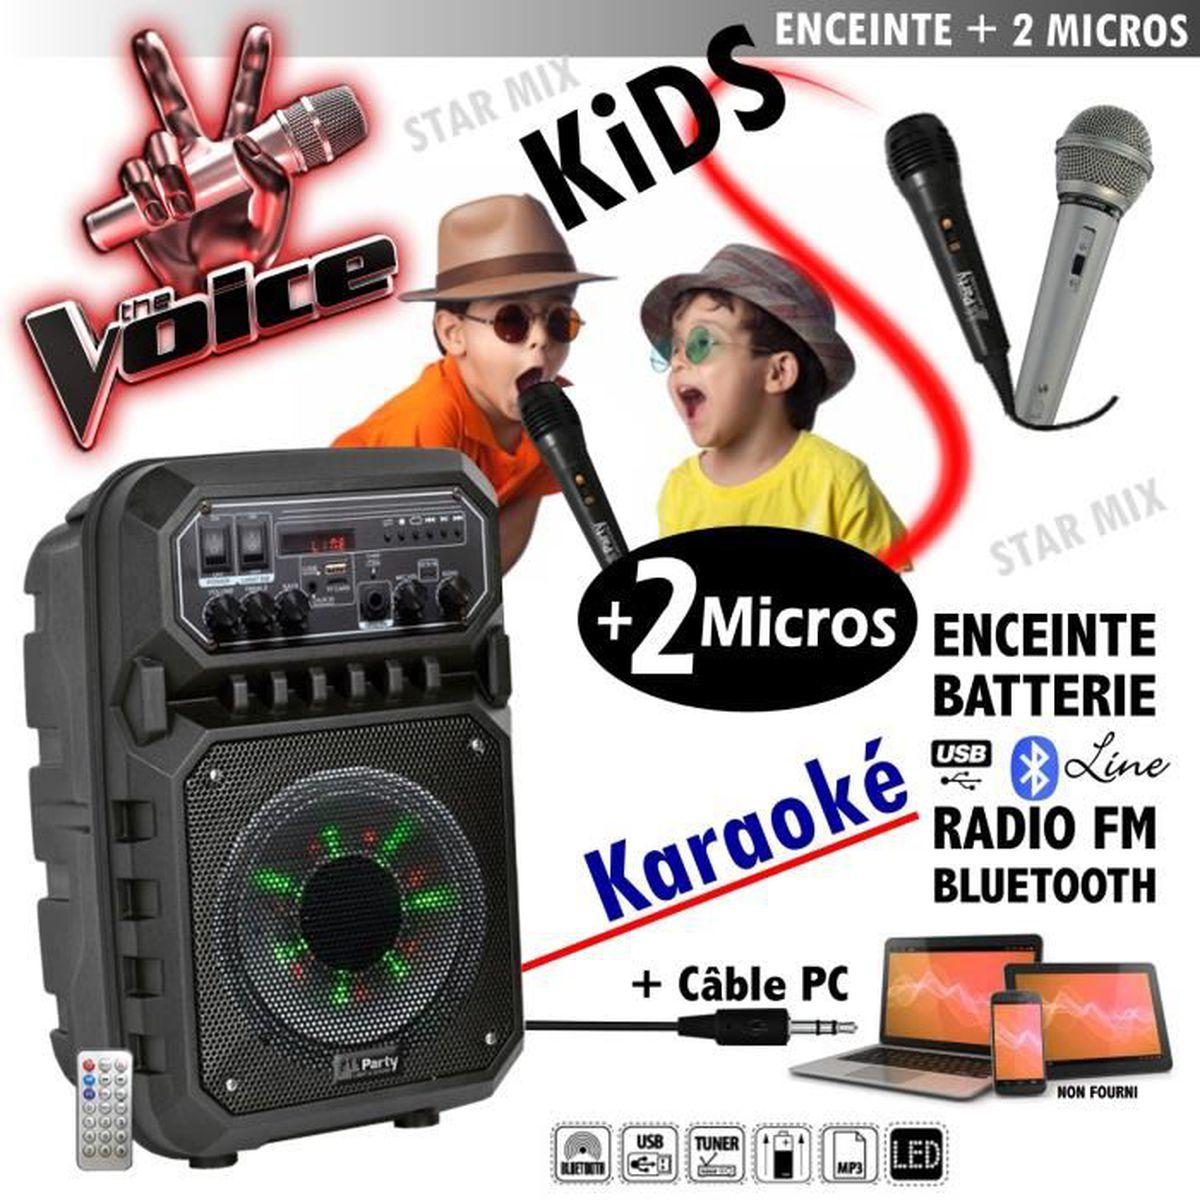 MICRO - KARAOKÉ Karaoké + 2 micros - ENCEINTE SONO + USB MP3 BLUET